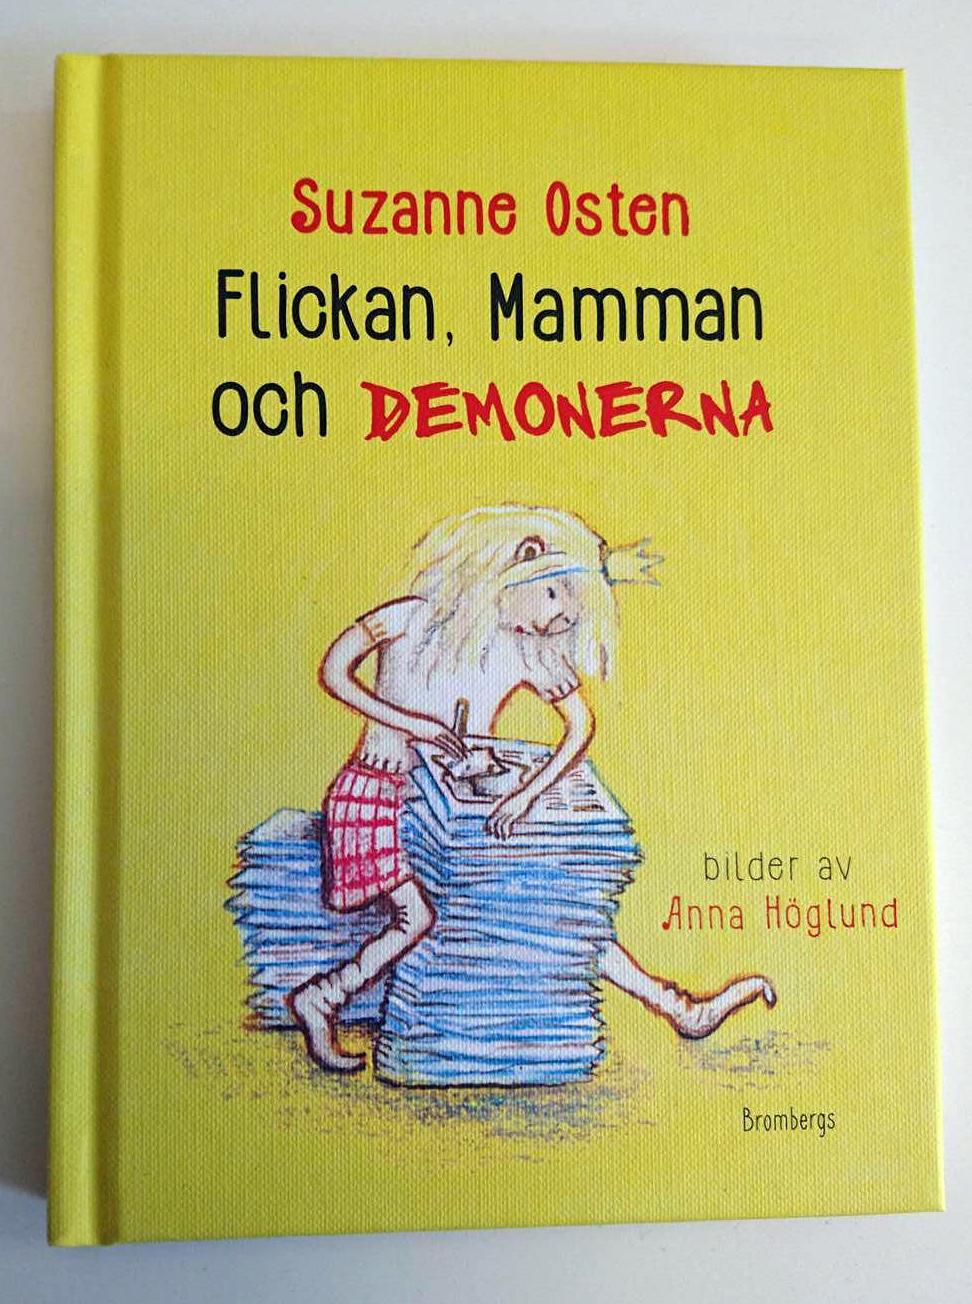 Suzanne Ostens bok Flickan, Mamman och Demonerna